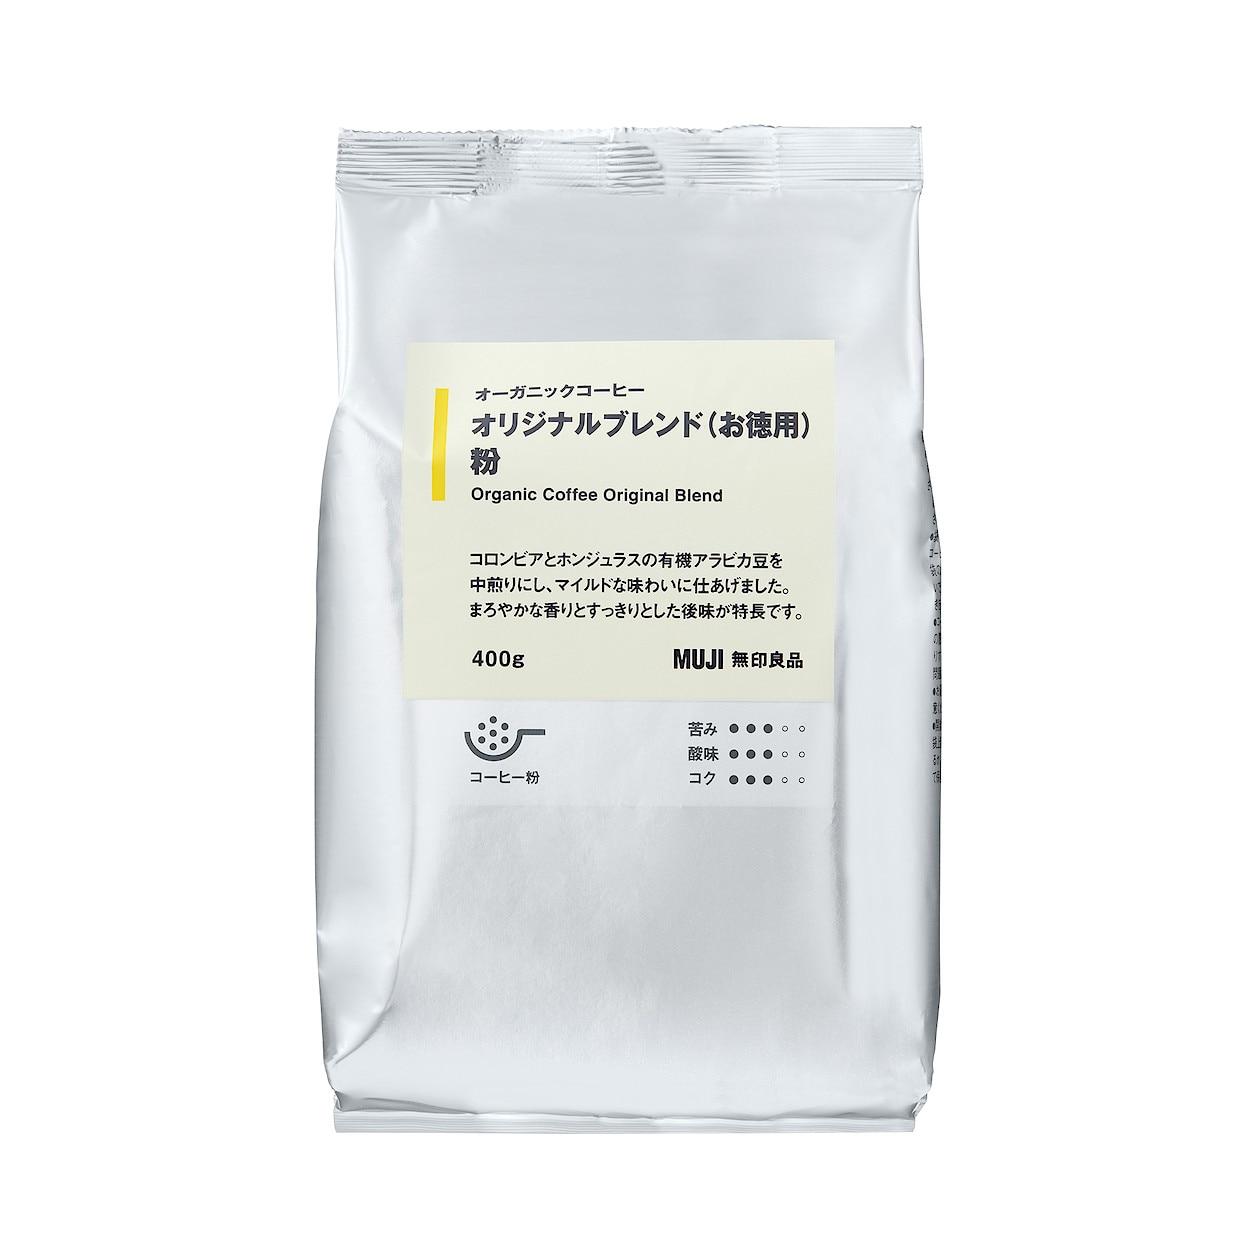 オーガニックコーヒー オリジナルブレンド(お徳用) 粉